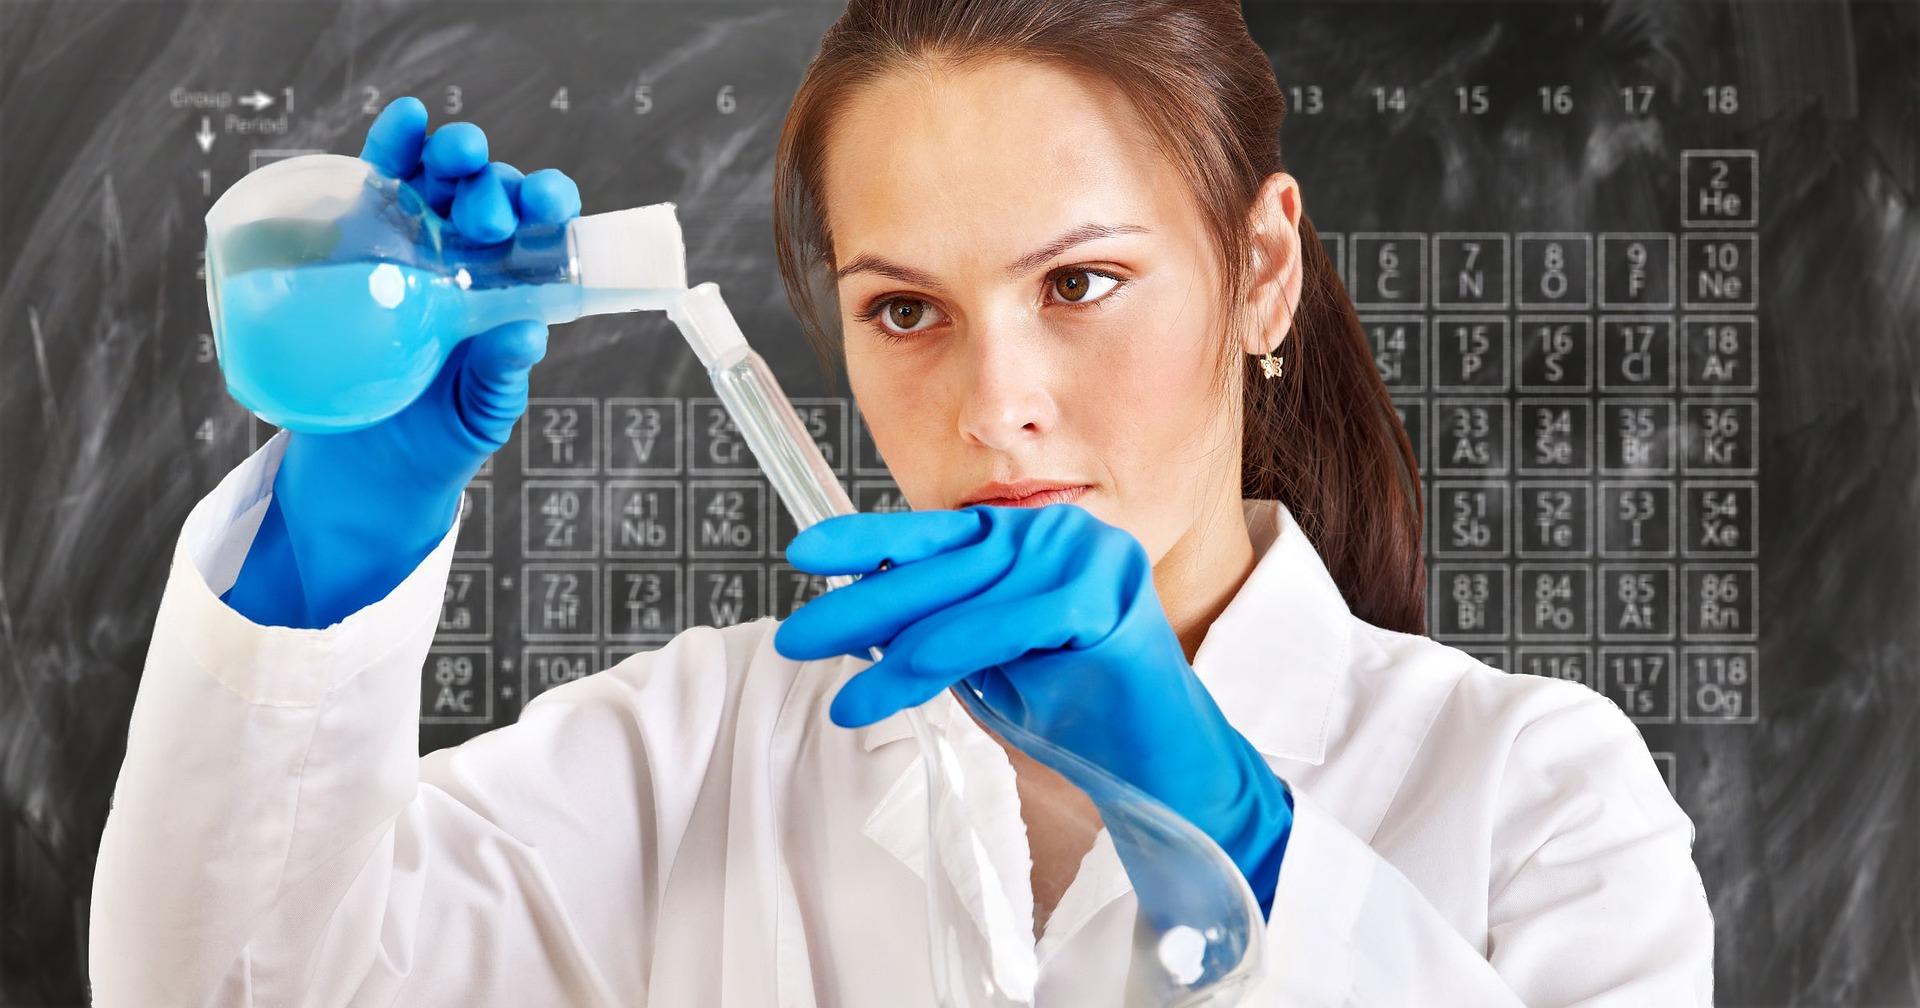 科学实验是人类开启奇思妙想的钥匙